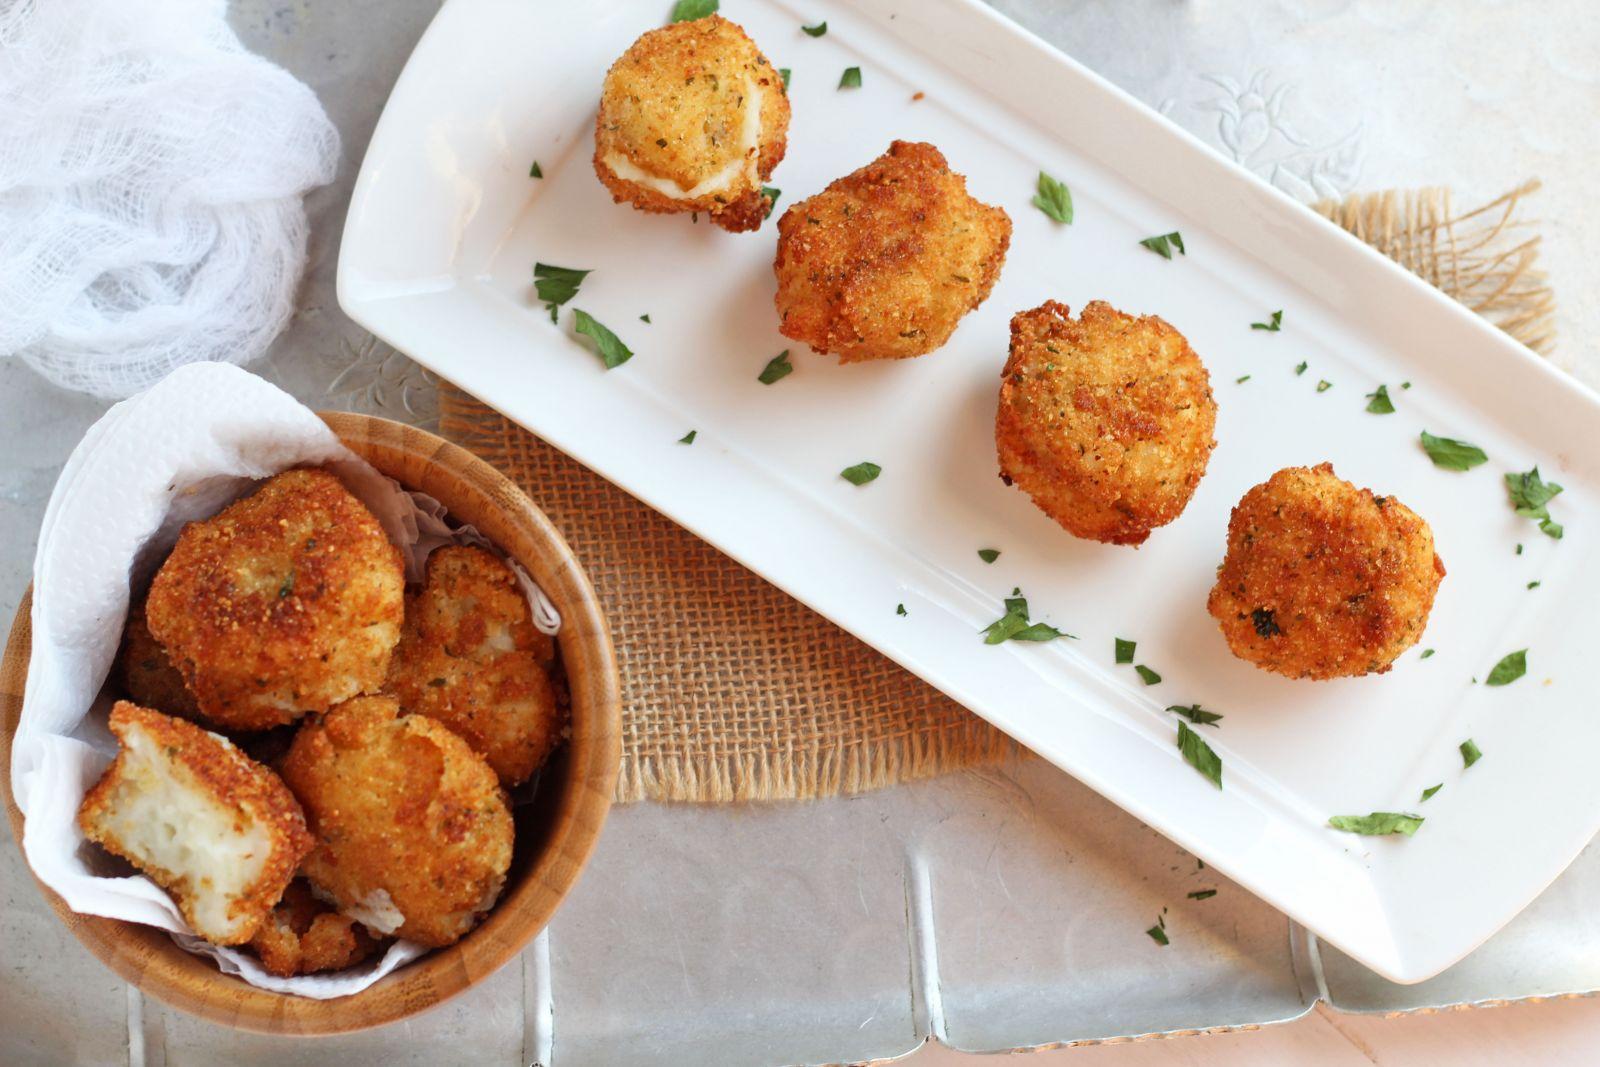 Меню на пост 2016: как приготовить аппетитные картофельные котлеты без мяса - фото №3